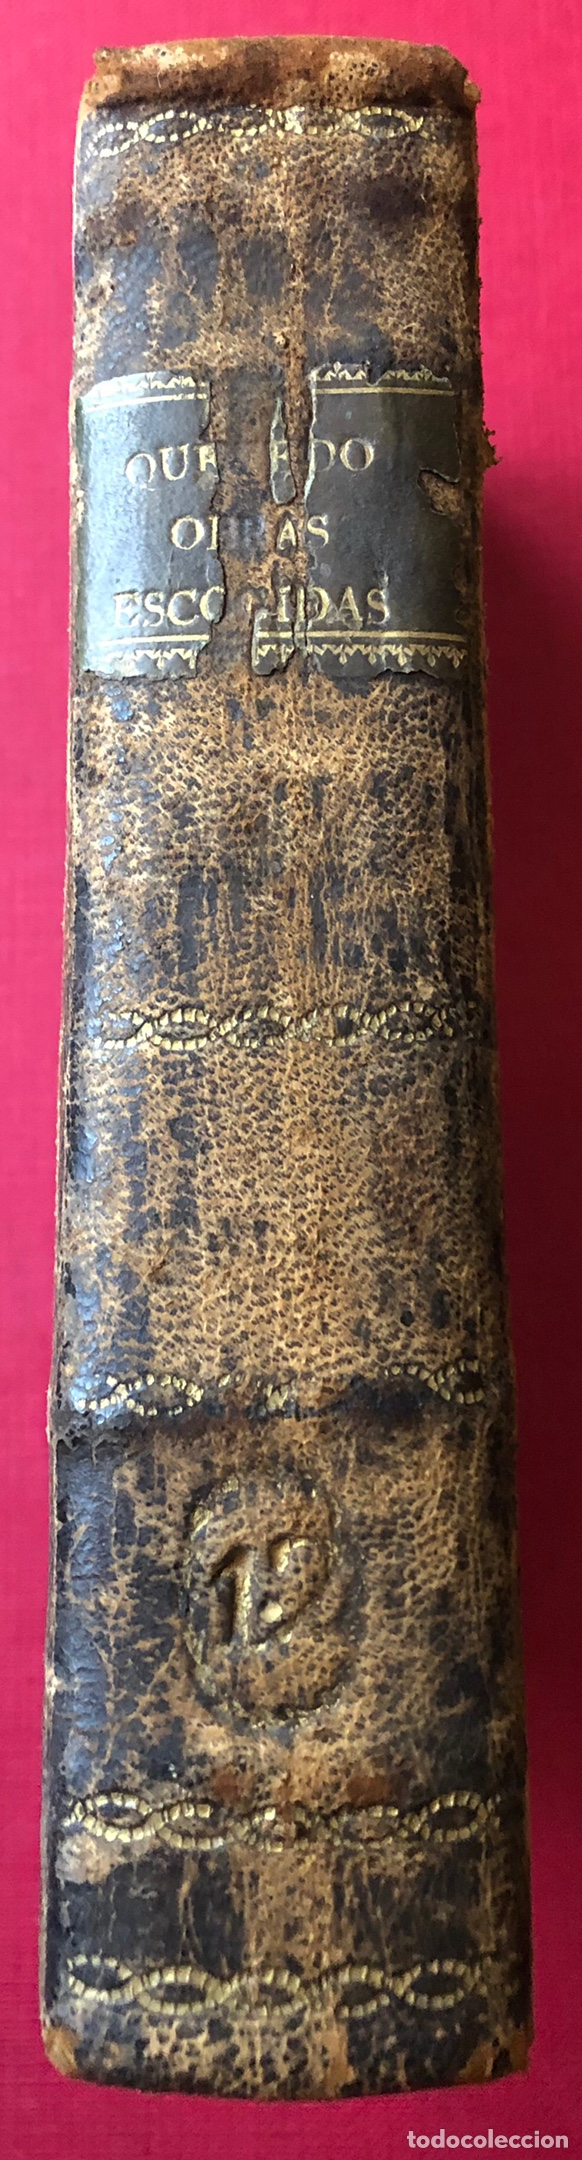 Libros antiguos: L- Obras escogidas de D. Francisco De Quevedo Villegas. Tomo I y II en un solo volumen. Año 1798. - Foto 4 - 204514068